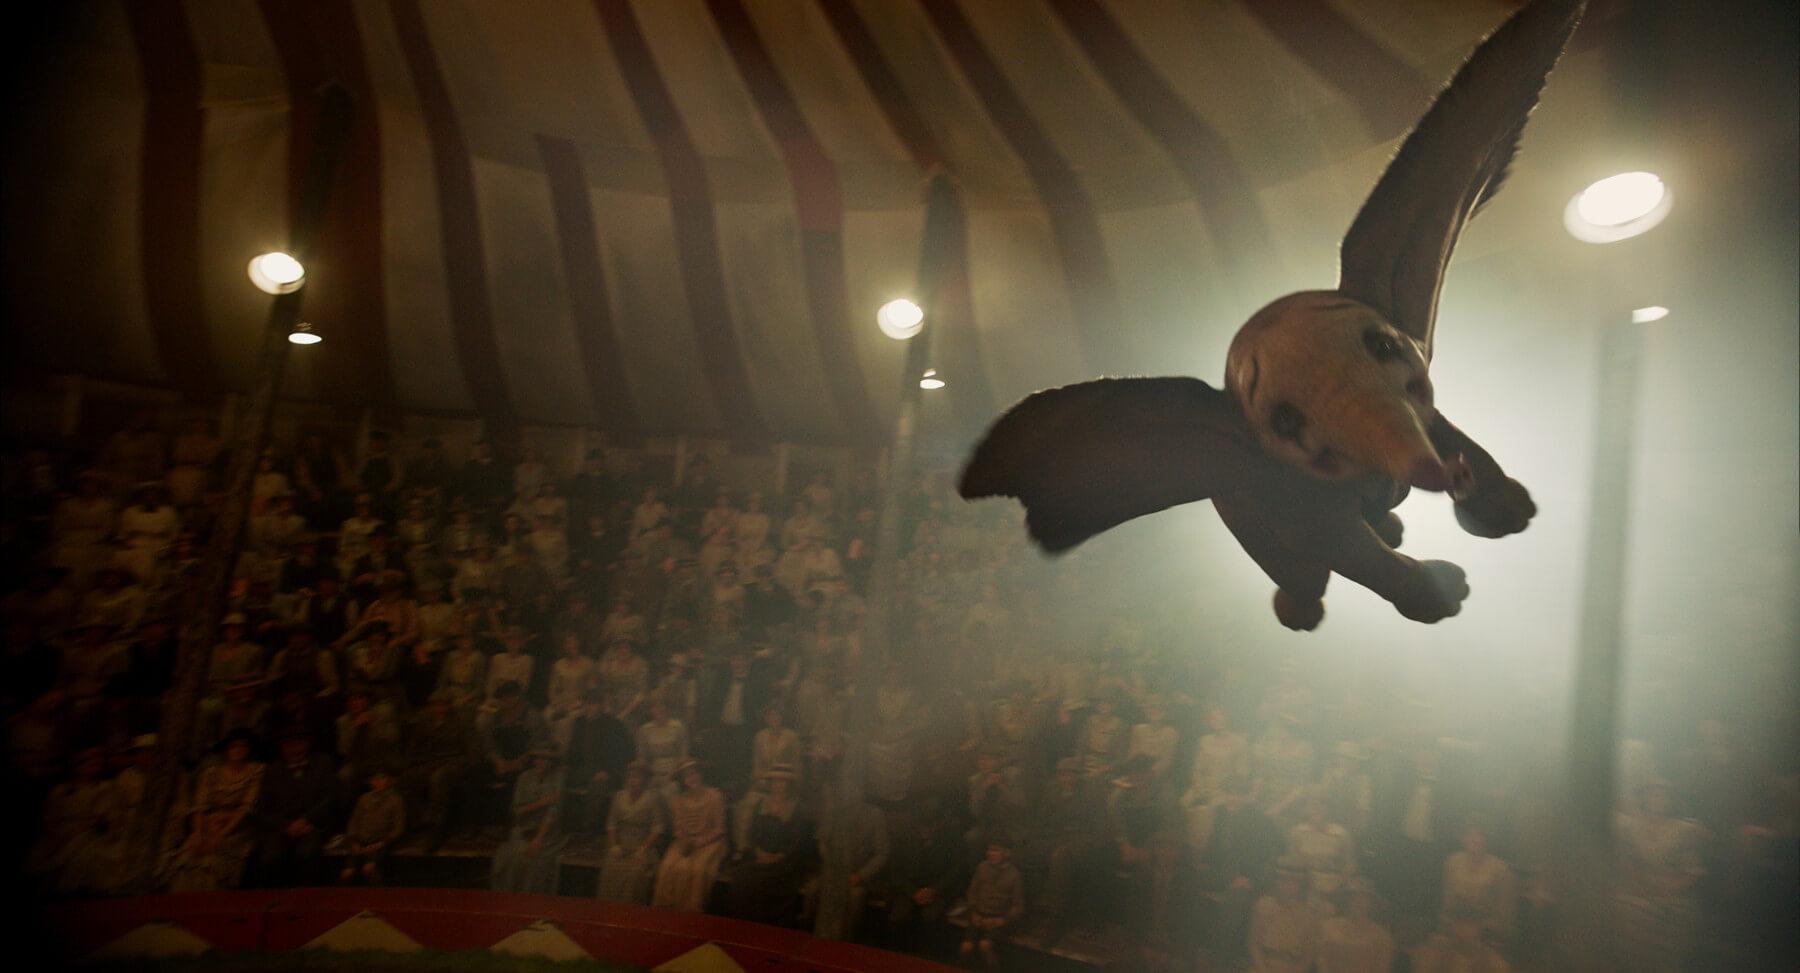 迪士尼 2019 年由提姆波頓執導的真人版《小飛象》,與近 80 年前動畫版電影有截然不同的故事呈現。